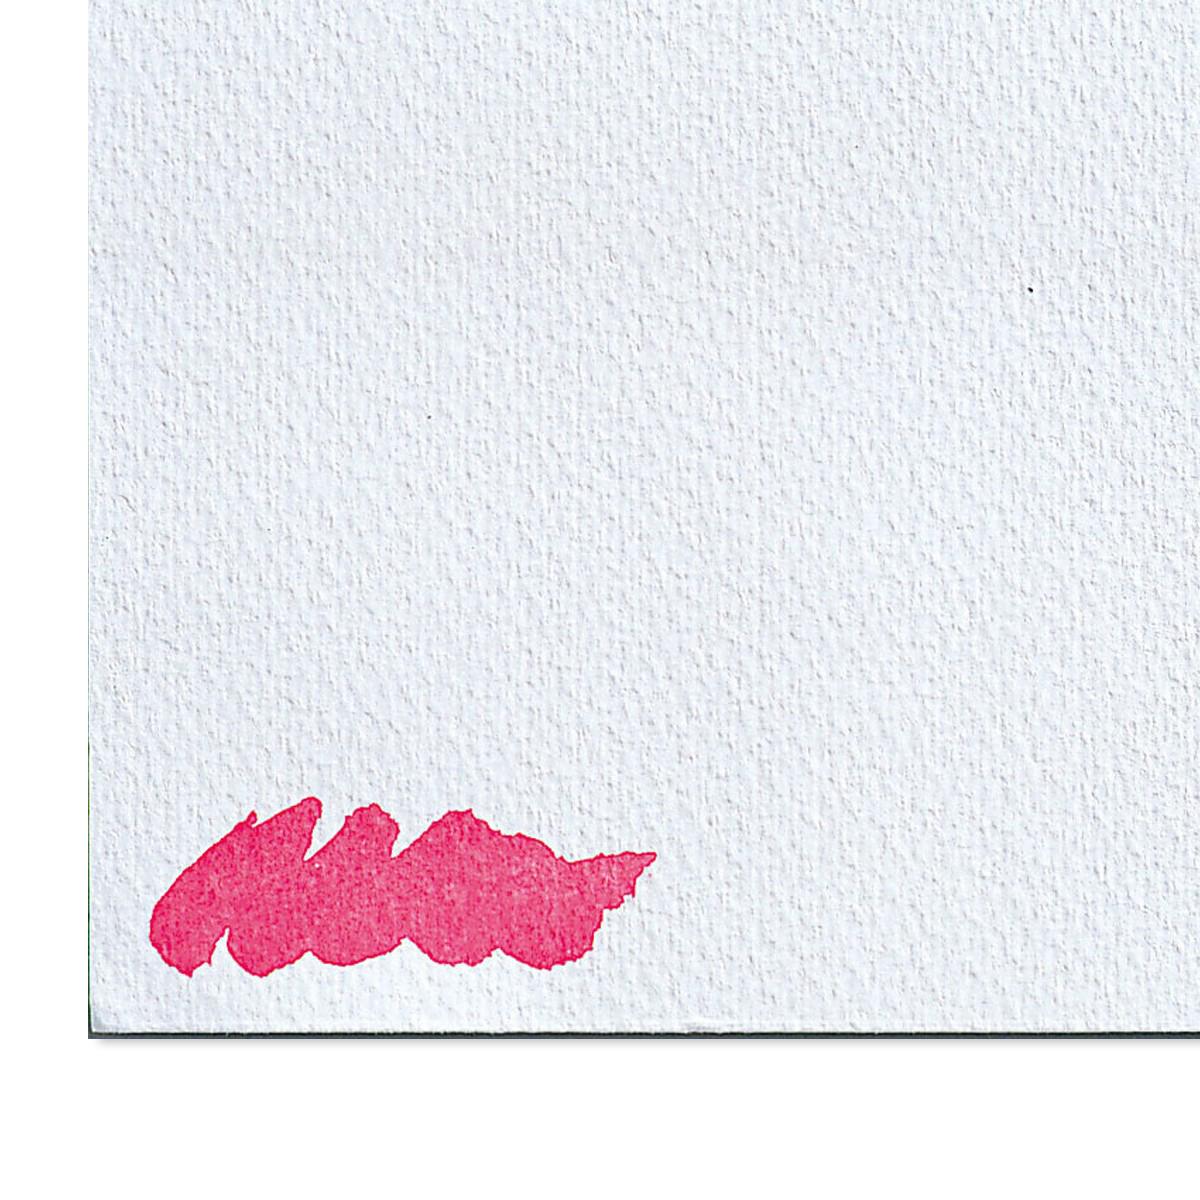 ラフな紙肌で滲み止めも強めです 水彩紙 ヴィファール 粗目 50枚組 八つ切 限定特価 用紙 国際ブランド 水彩 絵画 描画用紙 スケッチ